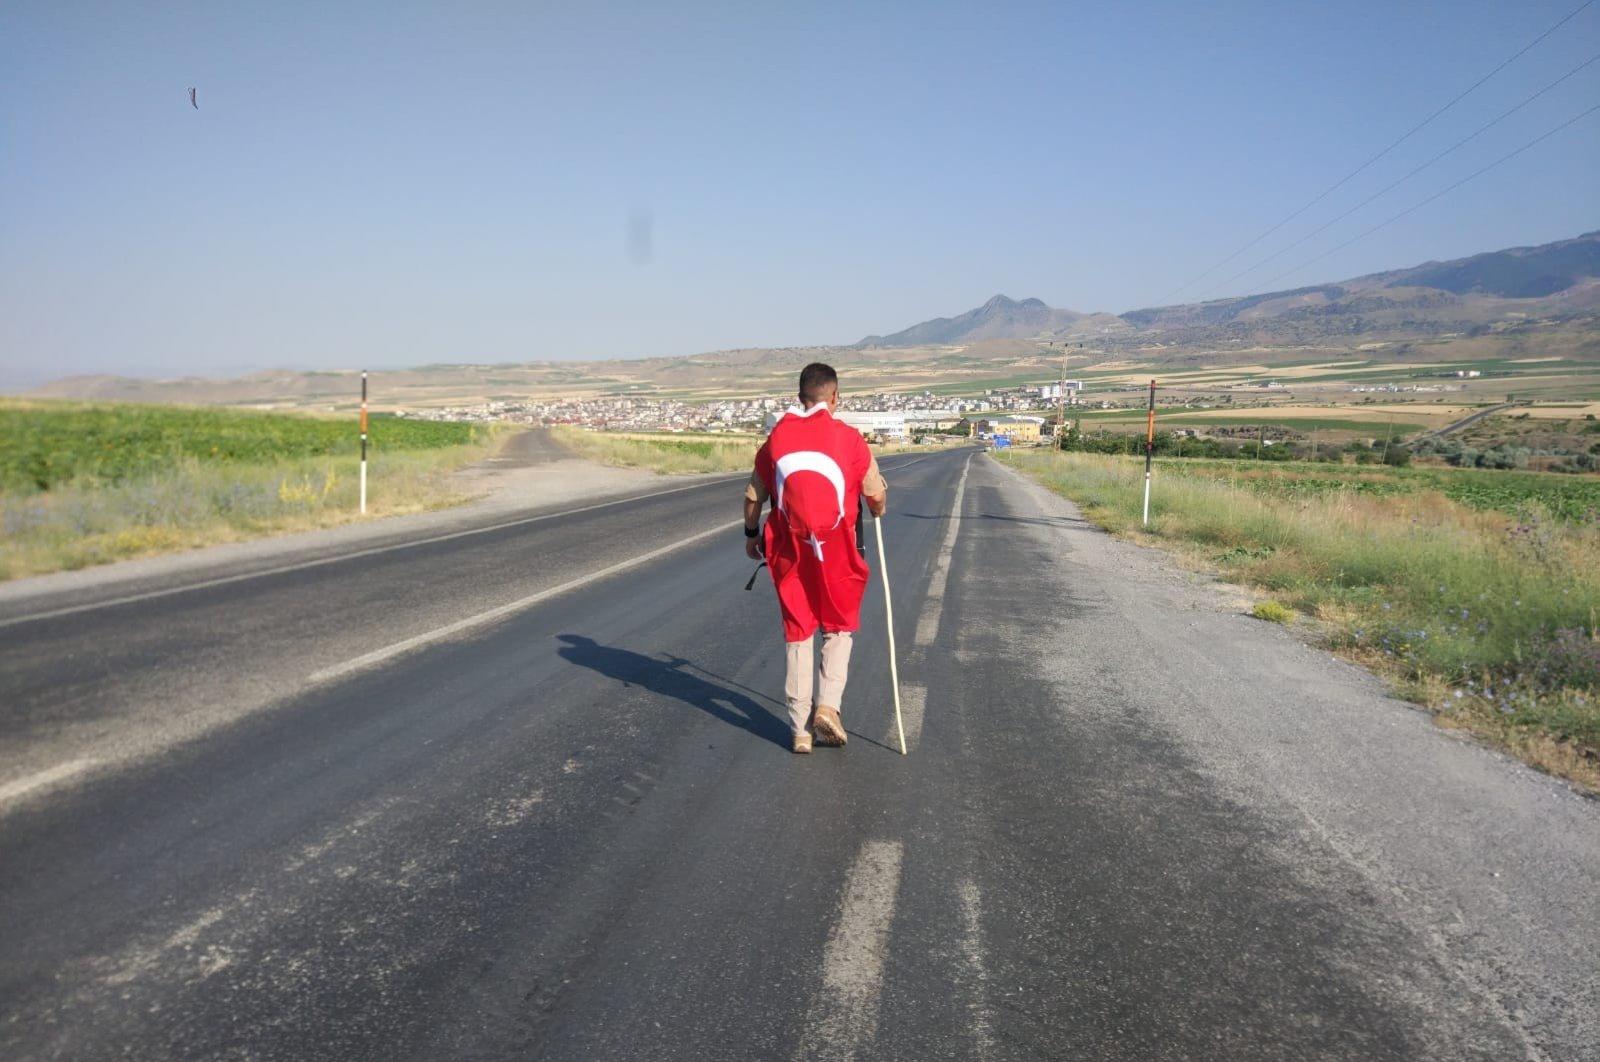 Bünyamin Yurdakul walks to downtown Develi, in Kayseri, Turkey, July 15, 2020. (İHA Photo)